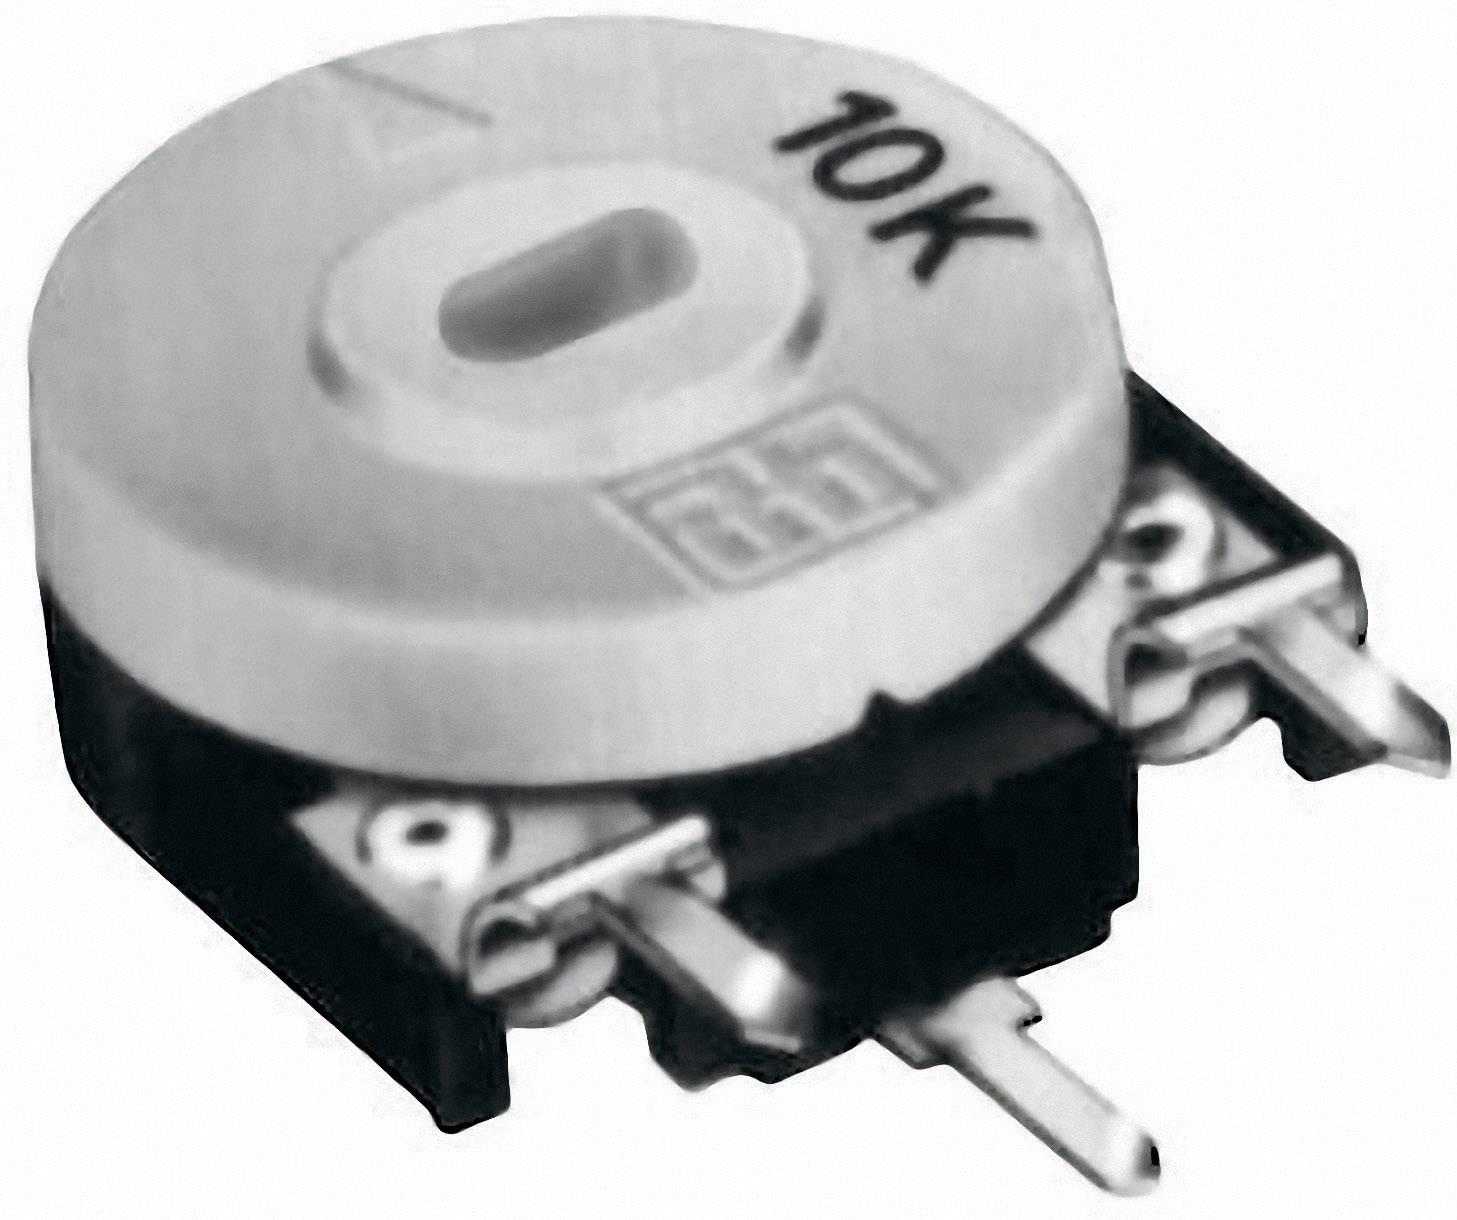 Uhlíkový trimr TT Electro, 21553205, 47 kΩ, 0,15 W, ± 20 %